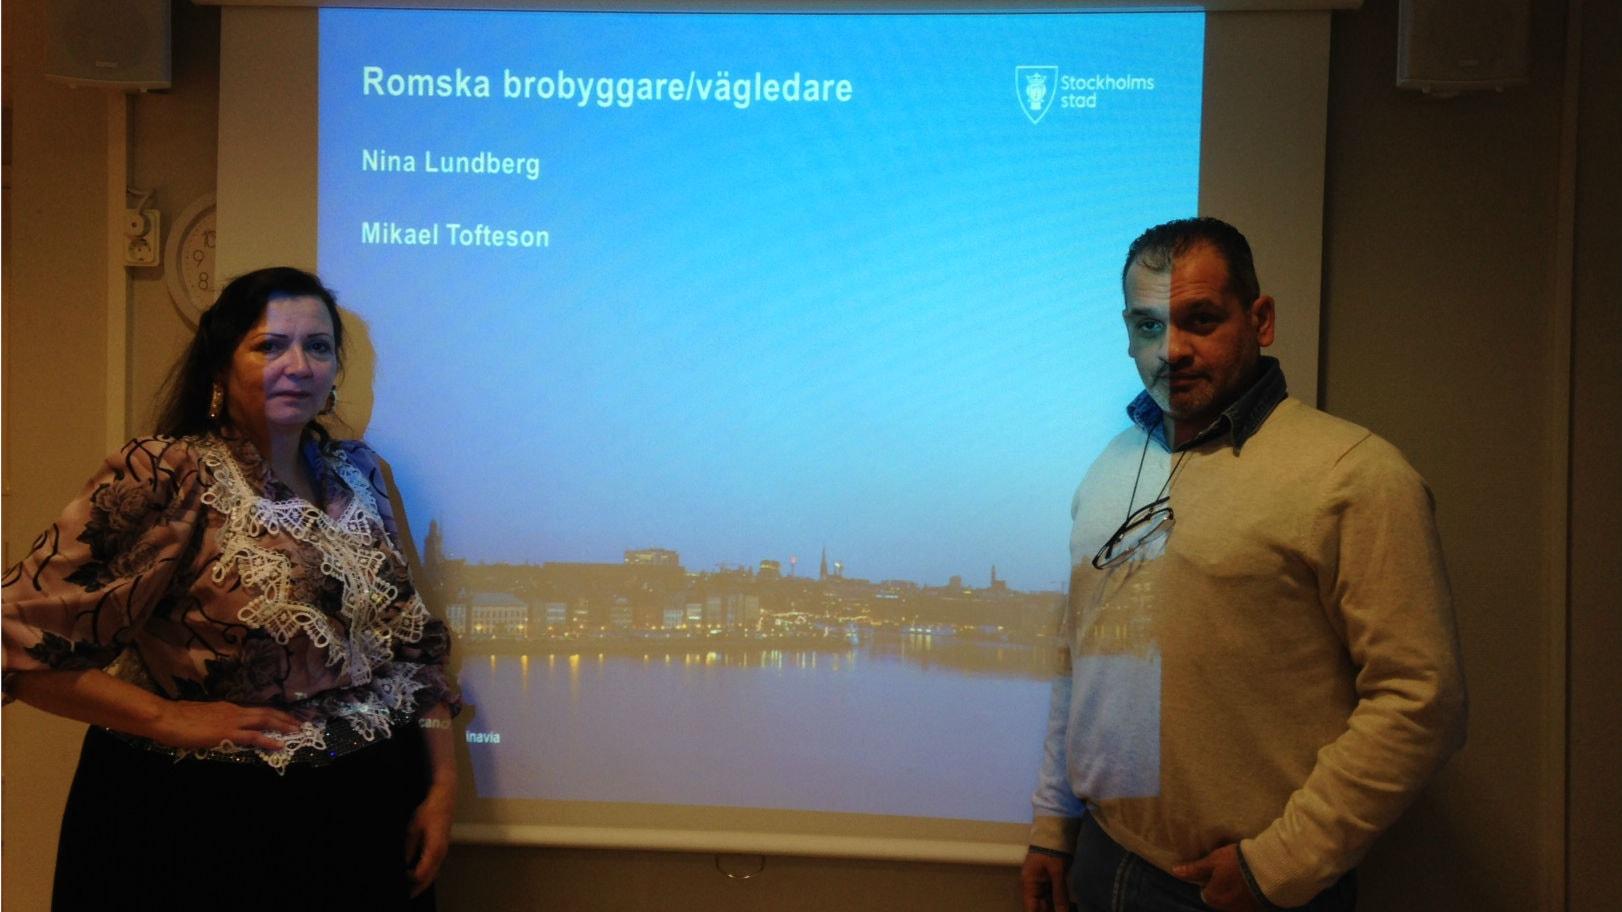 Eu satsar pa integrering av romer